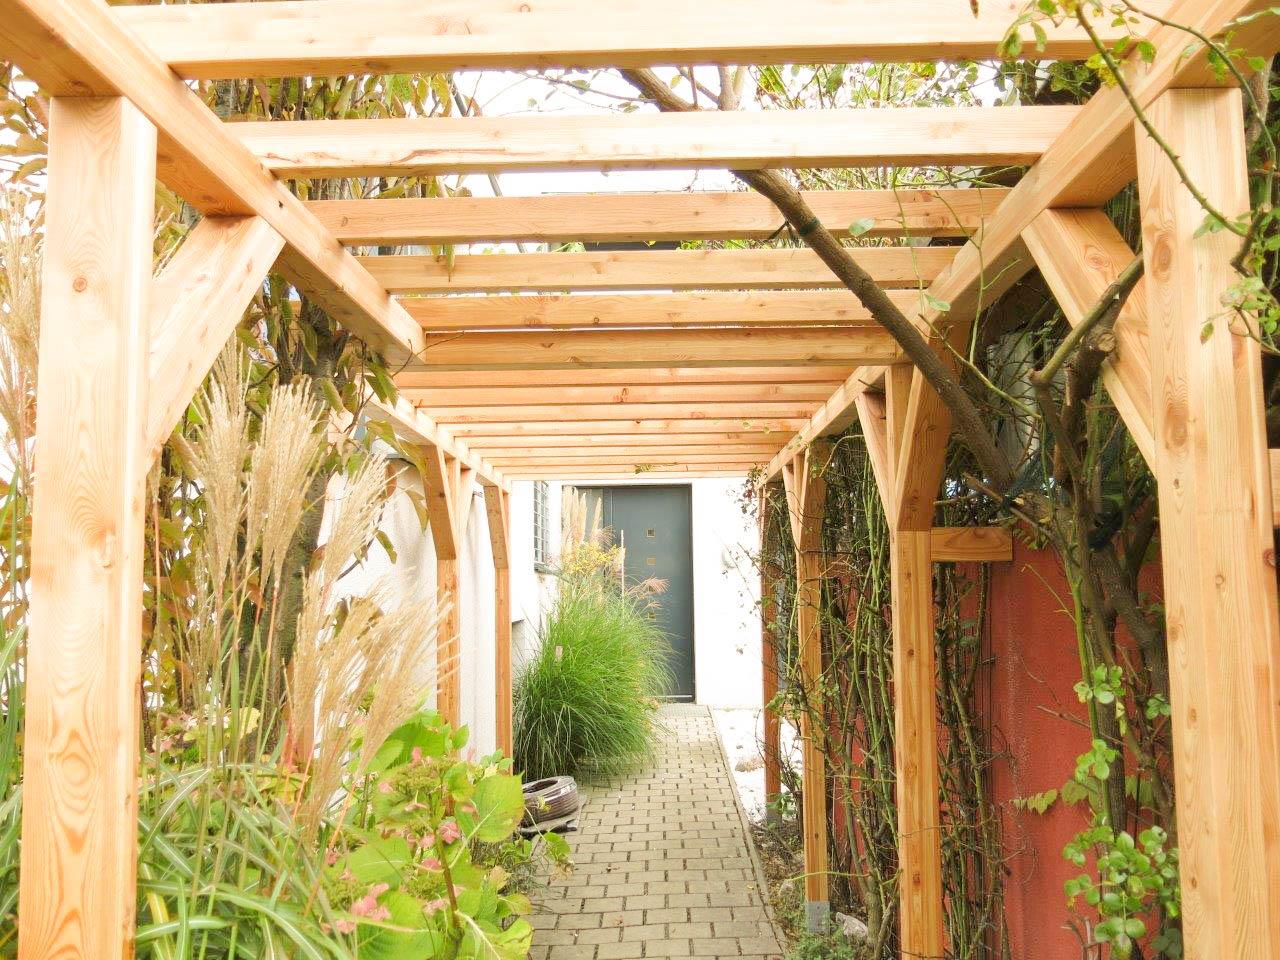 Gartenbau zemann garten naturpool und schwimmteiche for Gartengestaltung 1210 wien